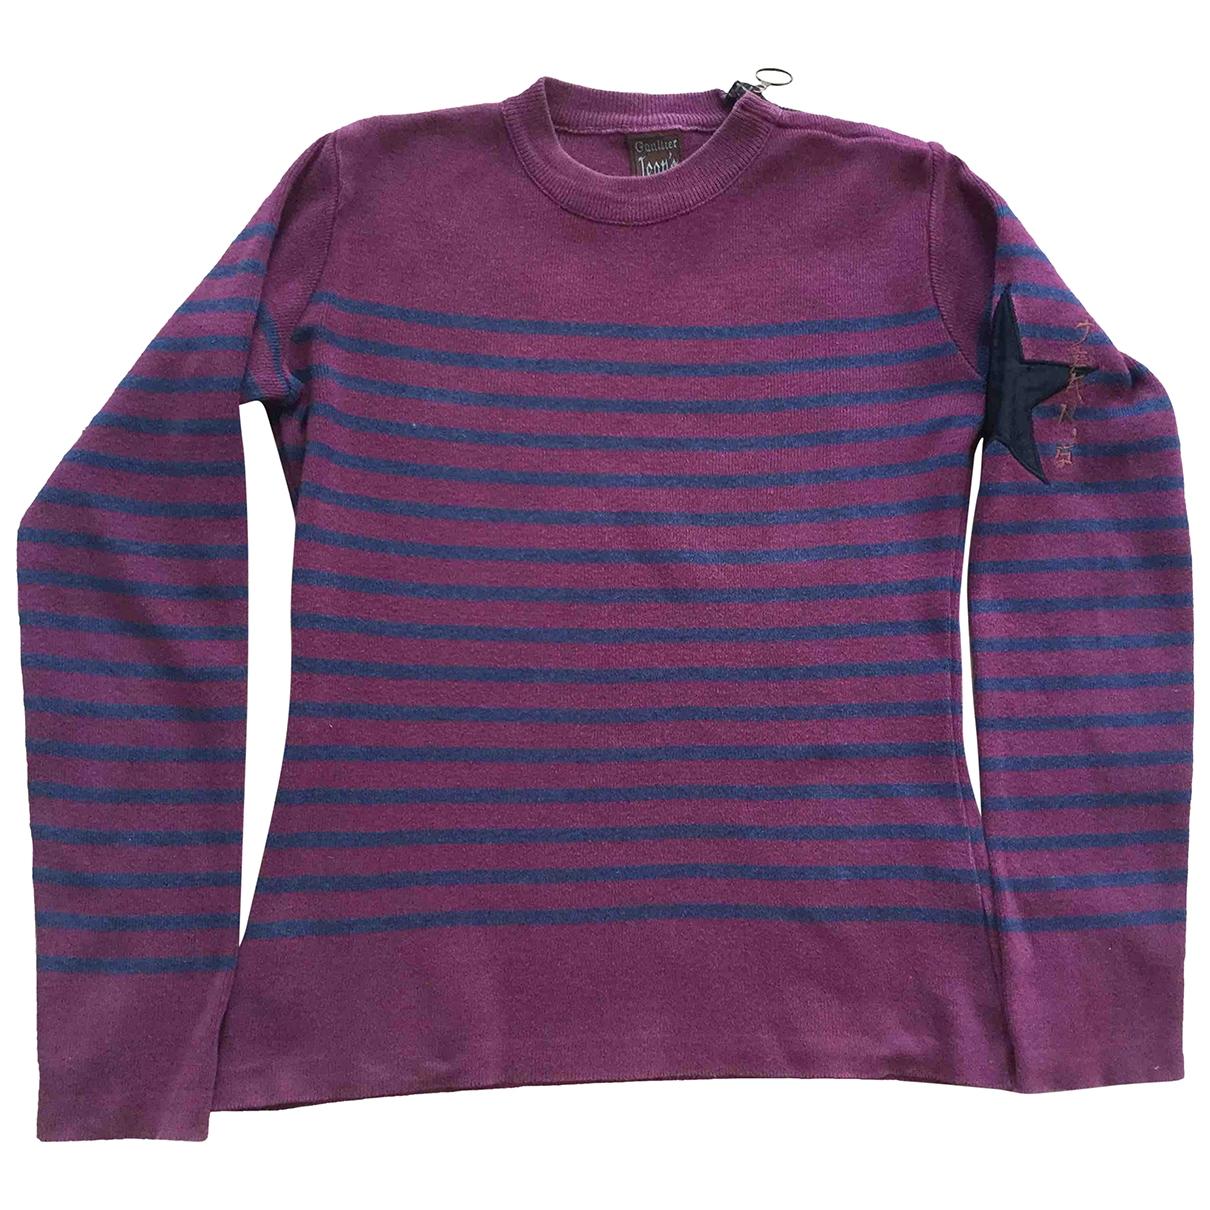 Jean Paul Gaultier - Pull   pour femme en laine - bordeaux